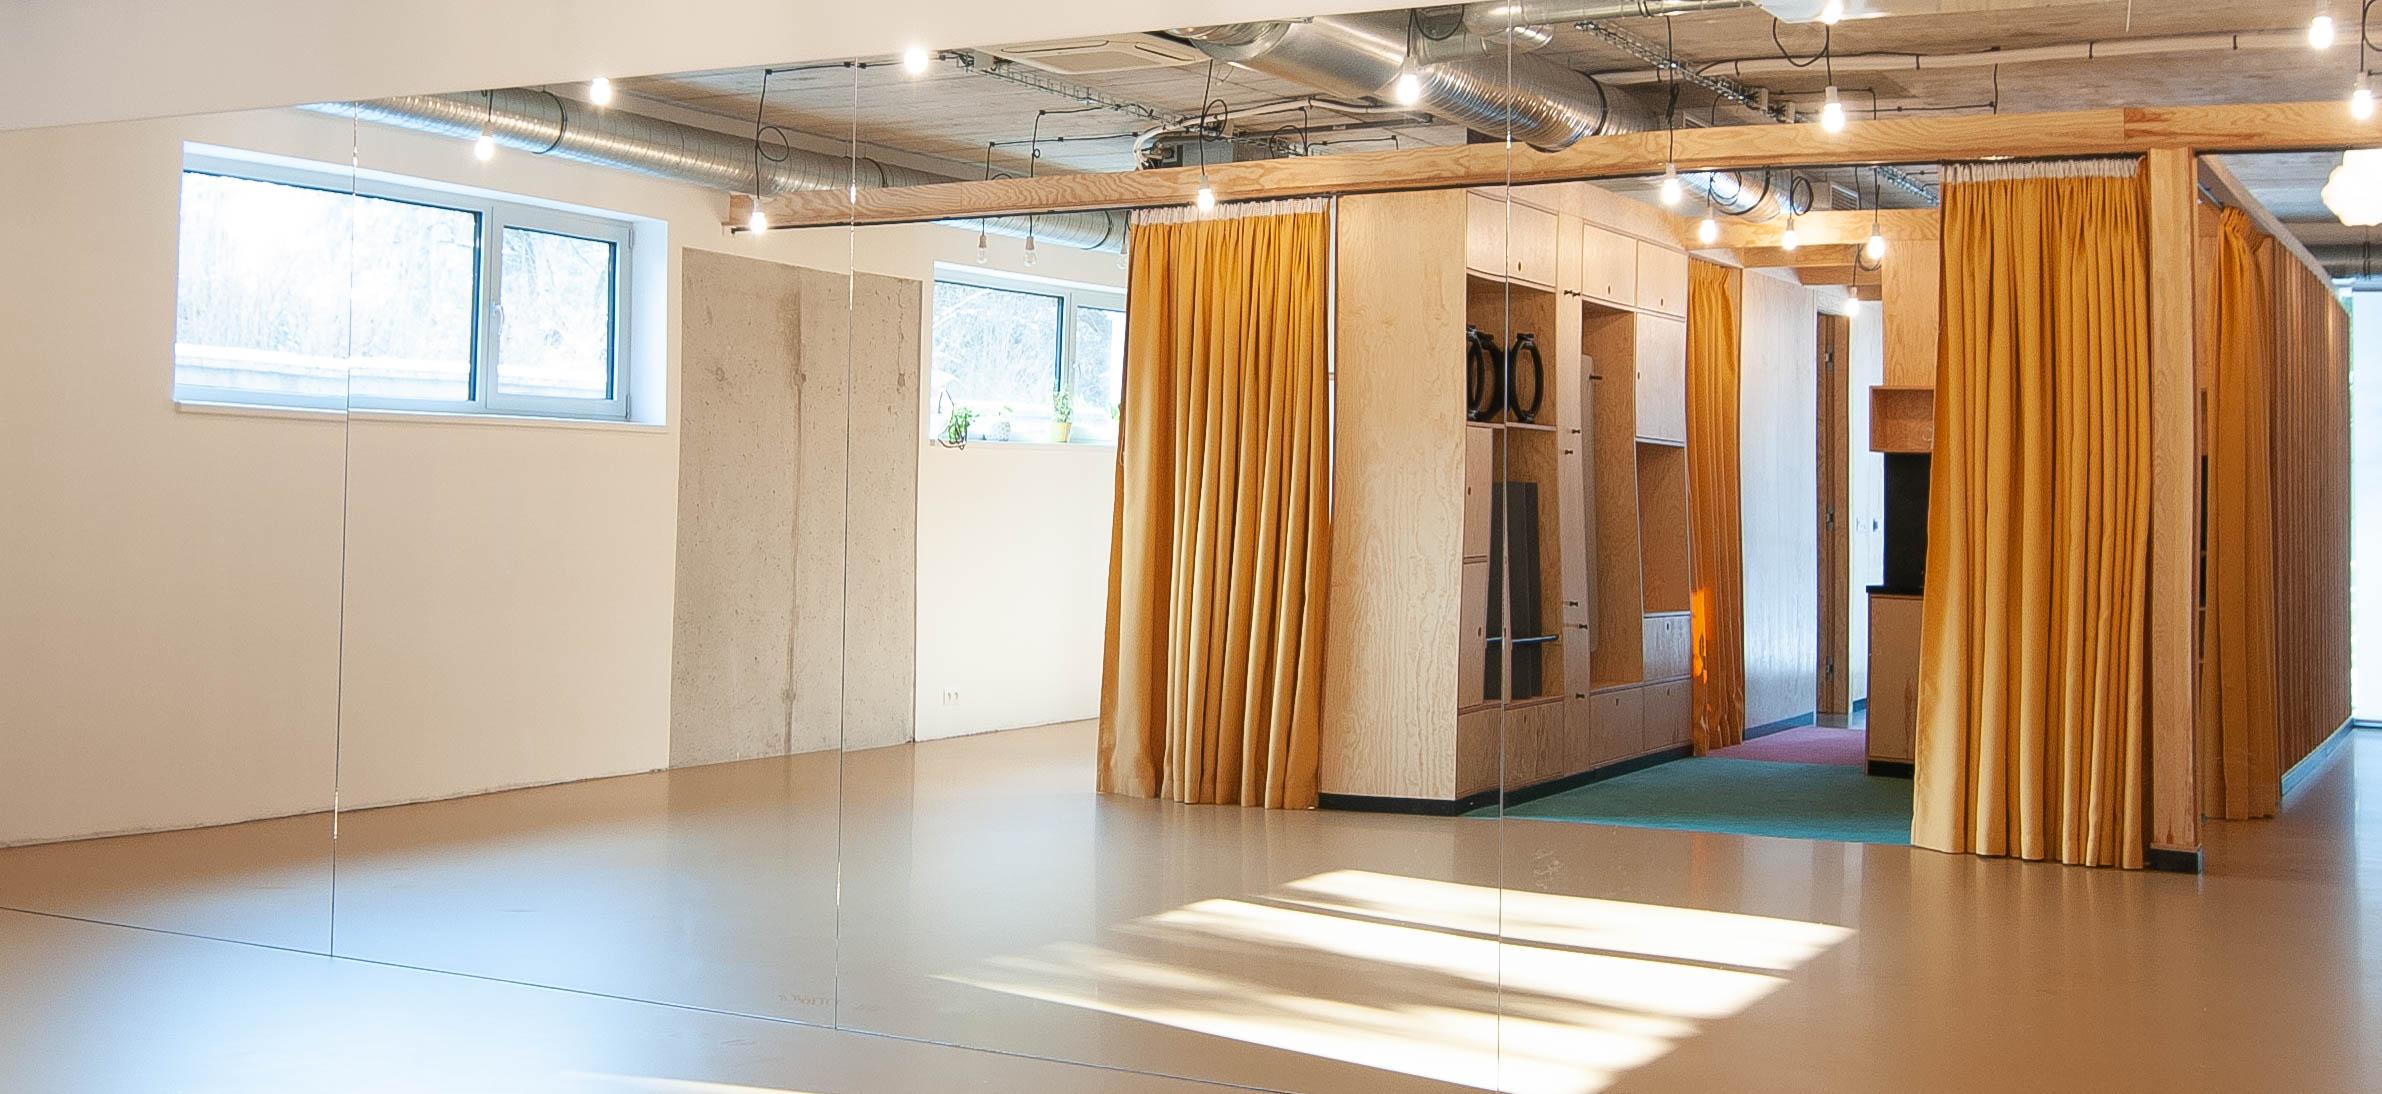 Studio Pilates Art v Klánovicích - interiér studia - prostor ke cvičení. Autor: Kurz architekti